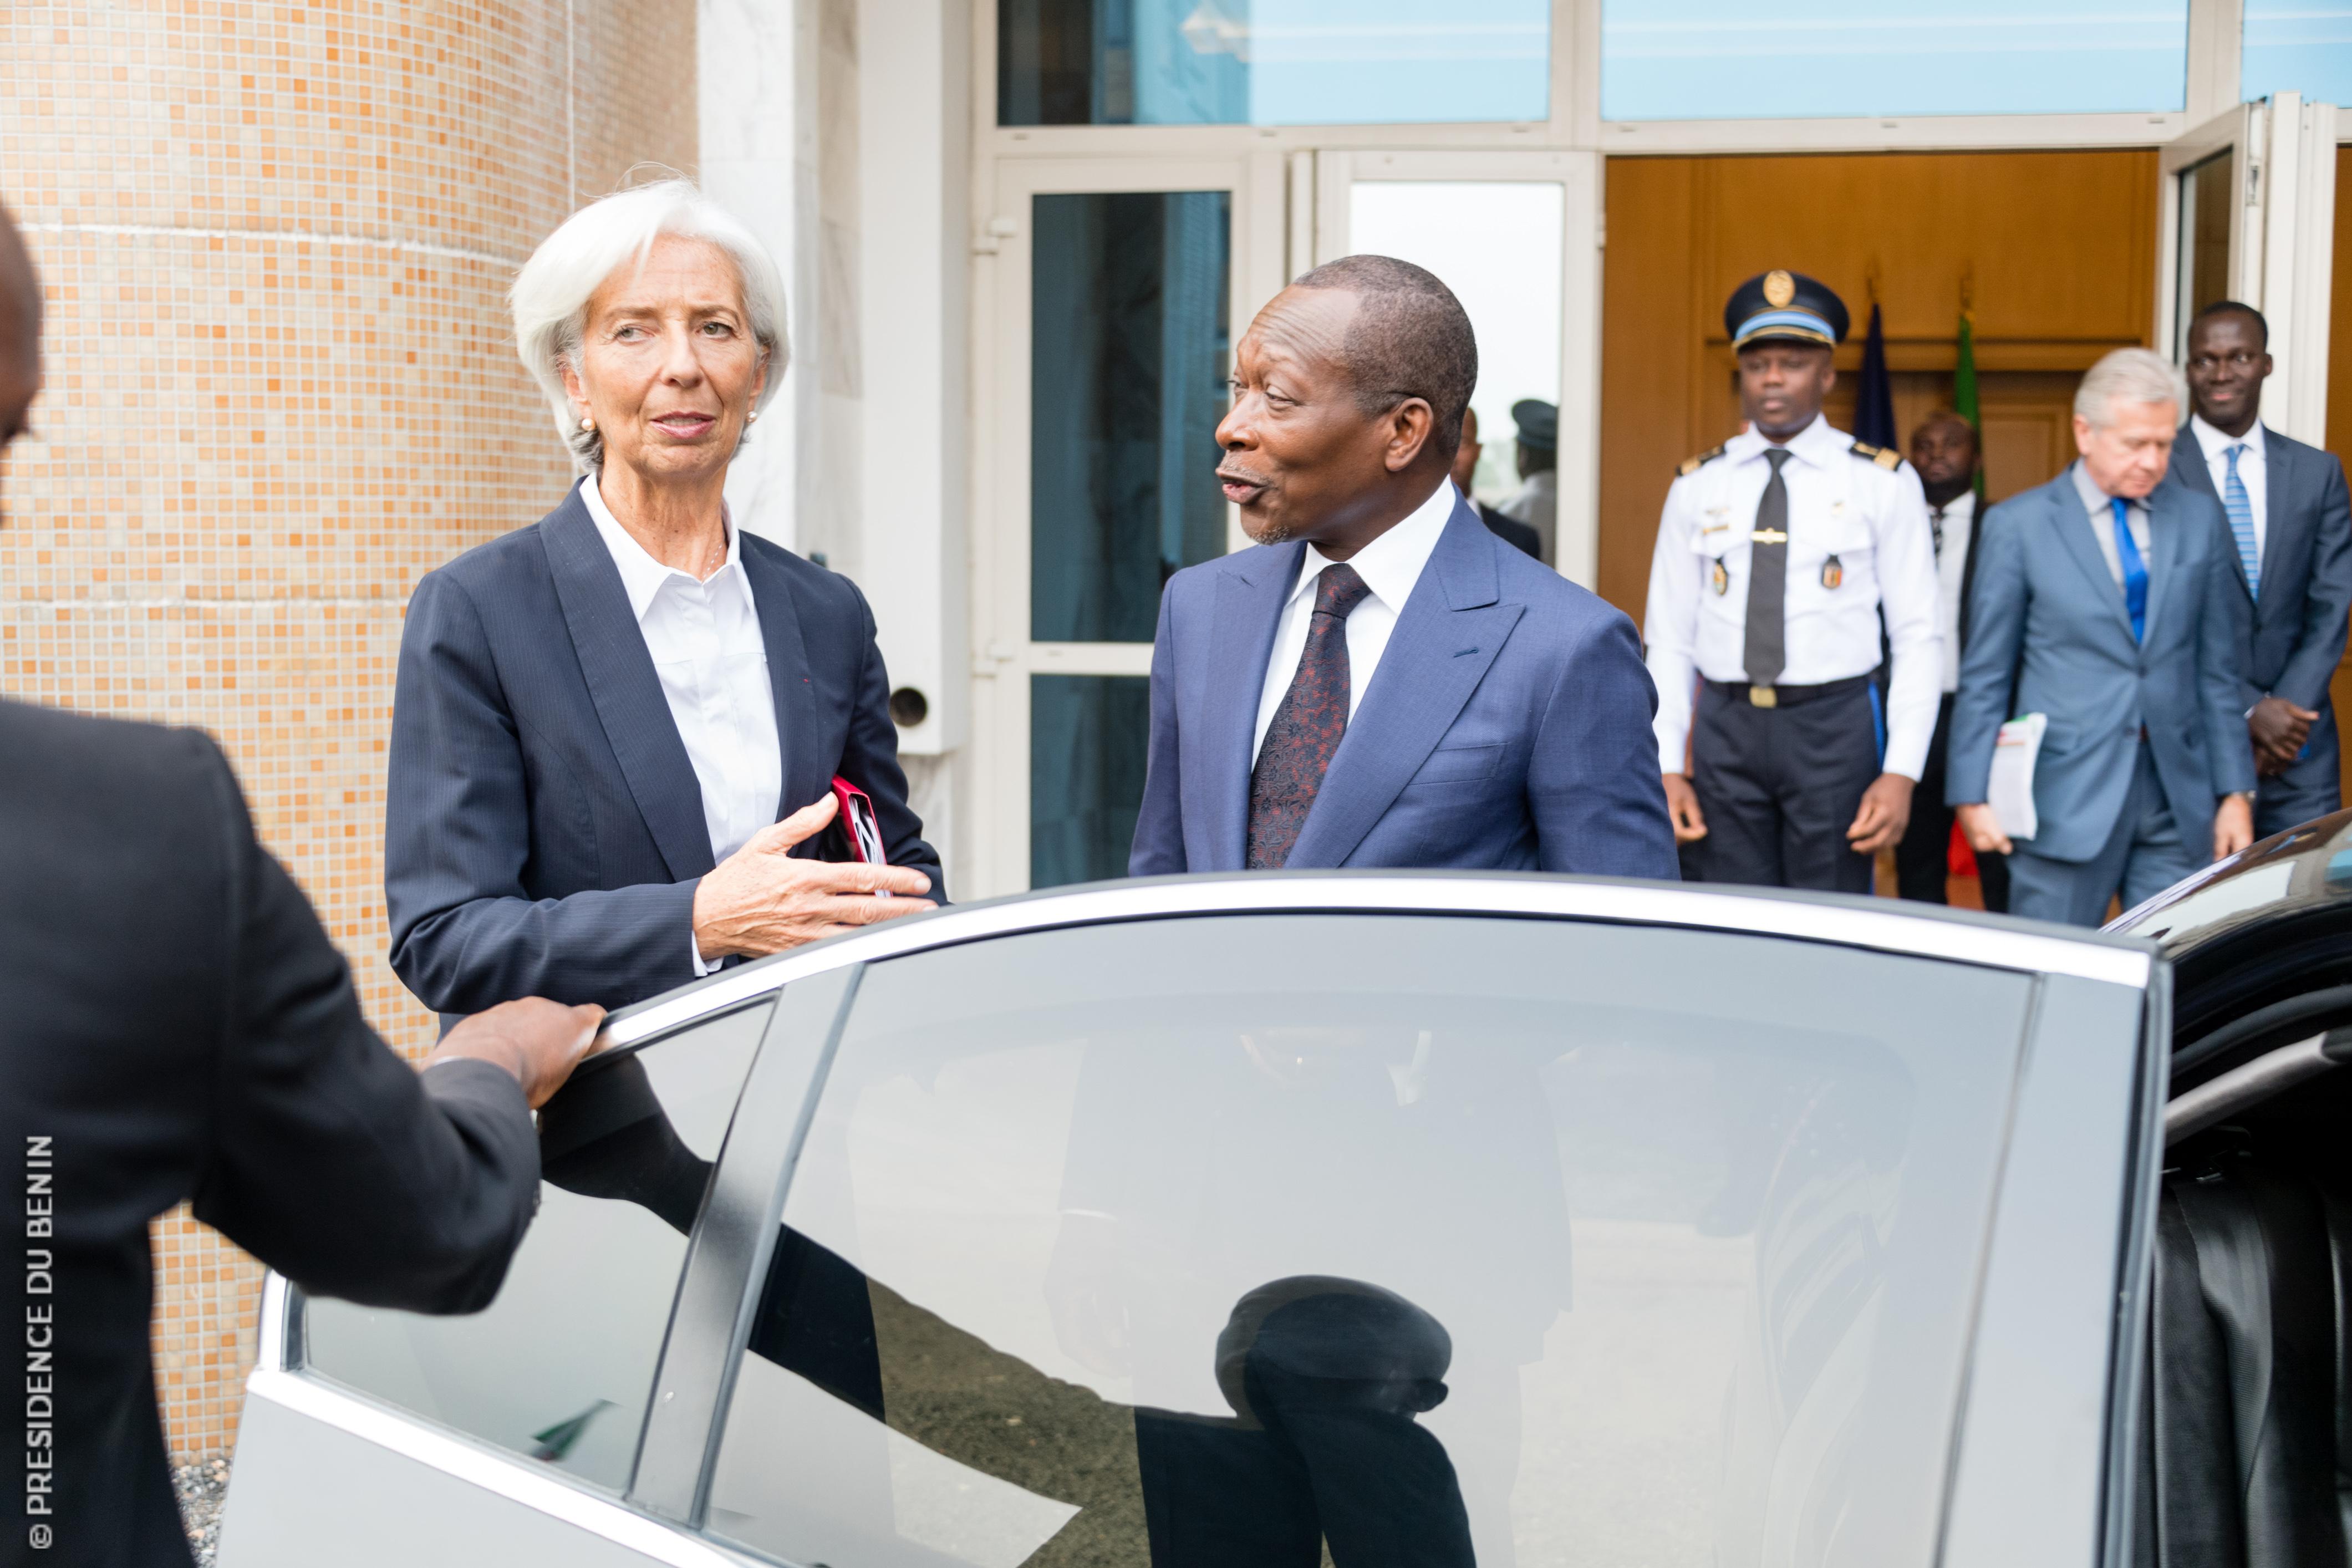 Le FMI choisi le Bénin pour son nouvel instrument de financement à la réalisation des ODD